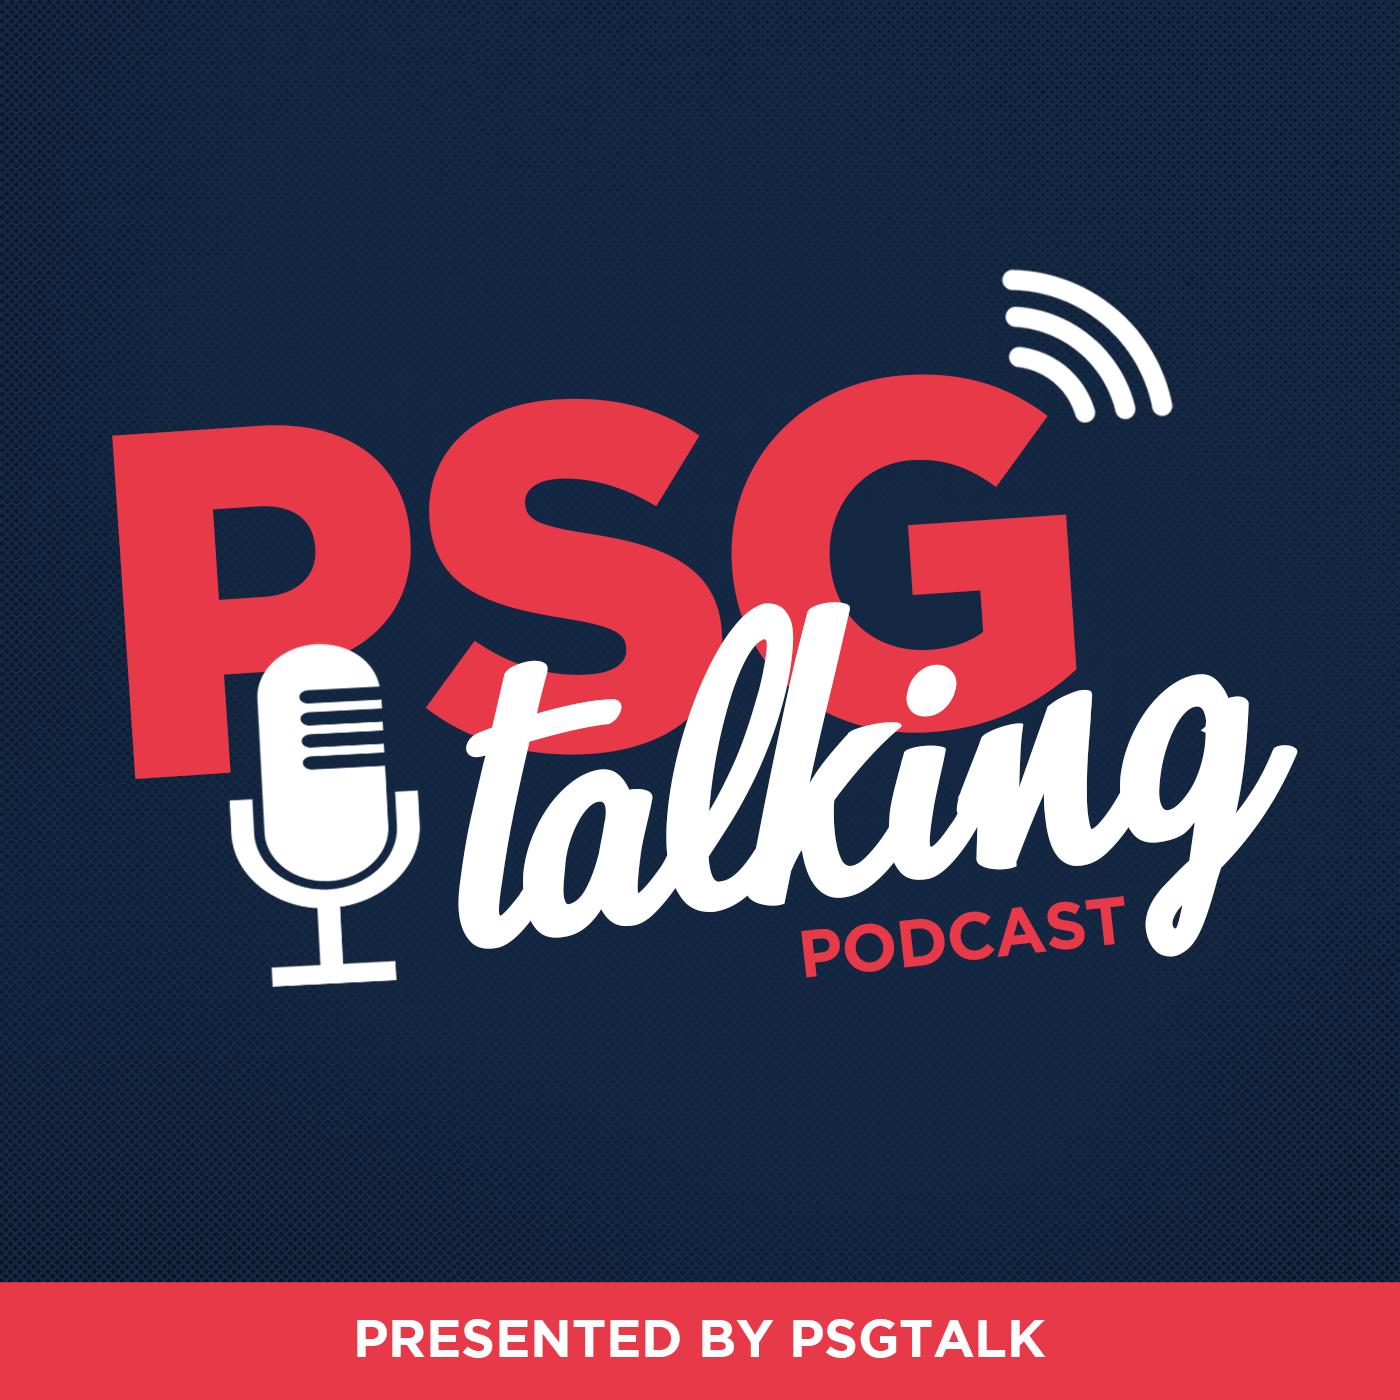 Artwork for podcast PSG Talking